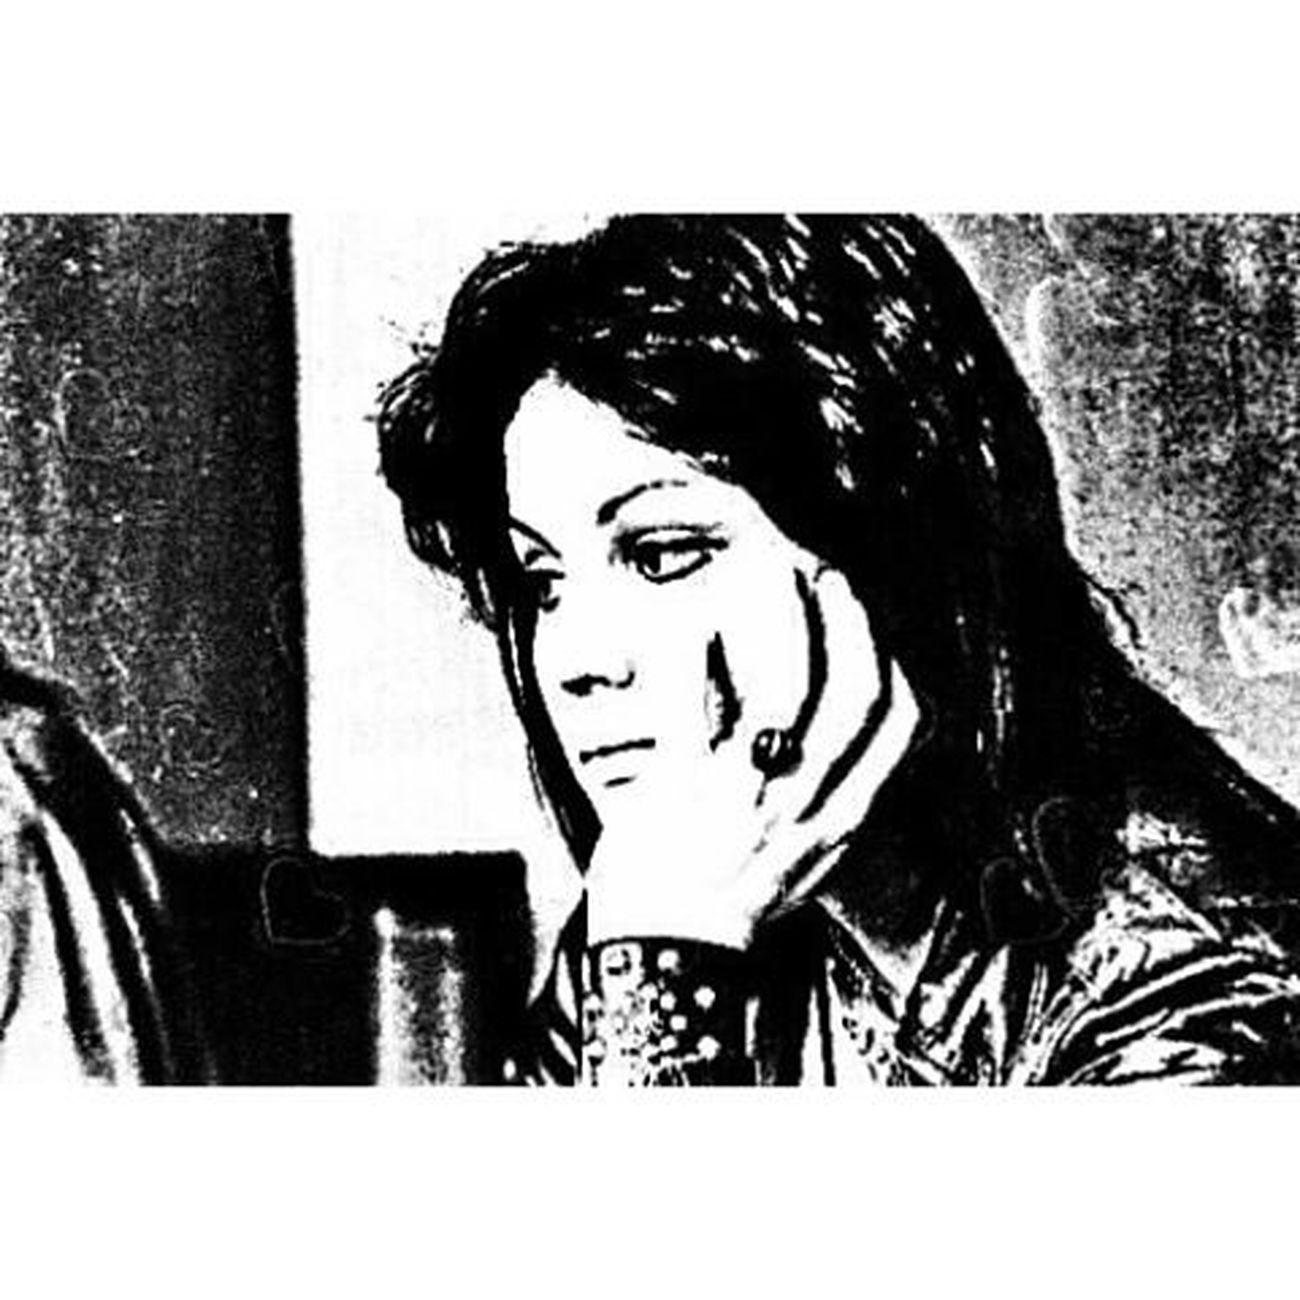 """""""Joan"""" ...still cool at 57 ☮ Joan Joanjett Joanjettandtheblackhearts ILoveRockNRoll crimsonandclover ihatemyselfforlovingyou loveispain therunaways cherrybomb badreputation toobadonyourbirthday theartofanimage"""